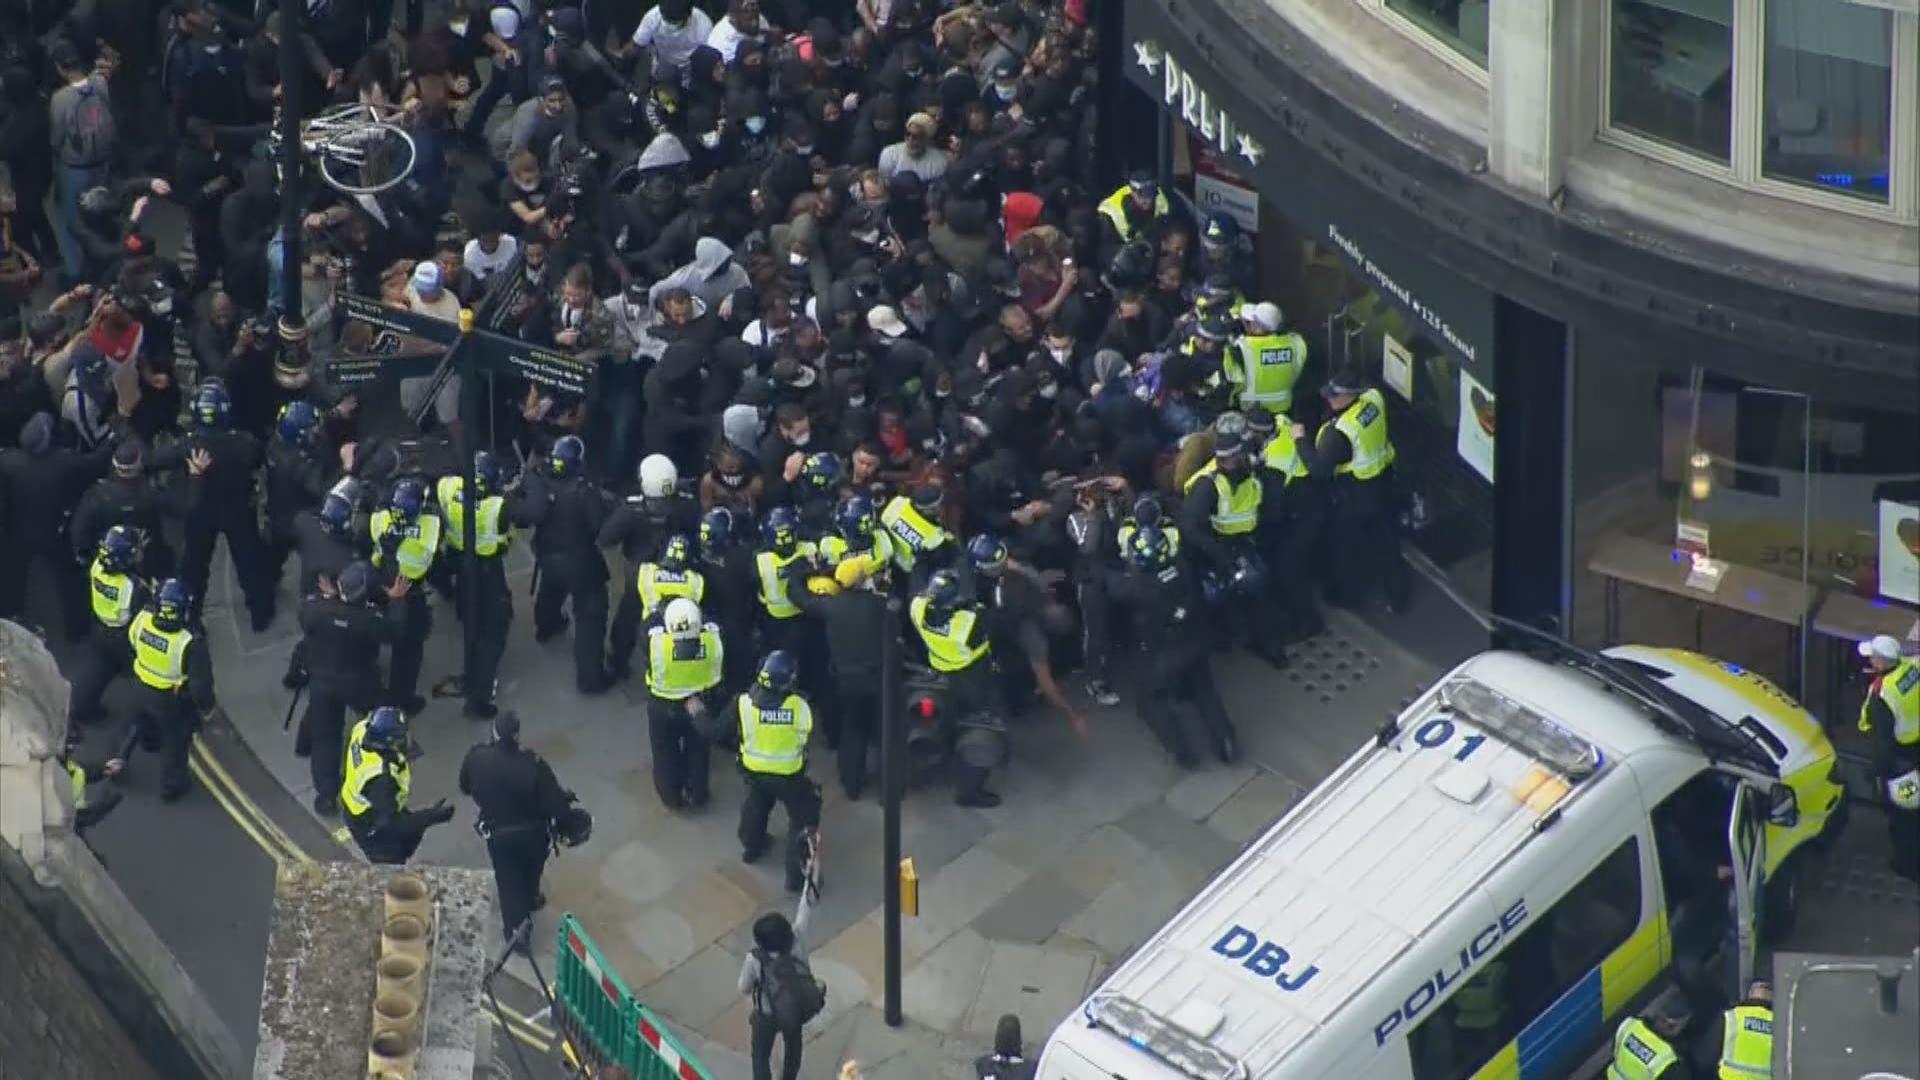 倫敦周六示威變警民衝突 英警工會促禁示威集會助抗疫